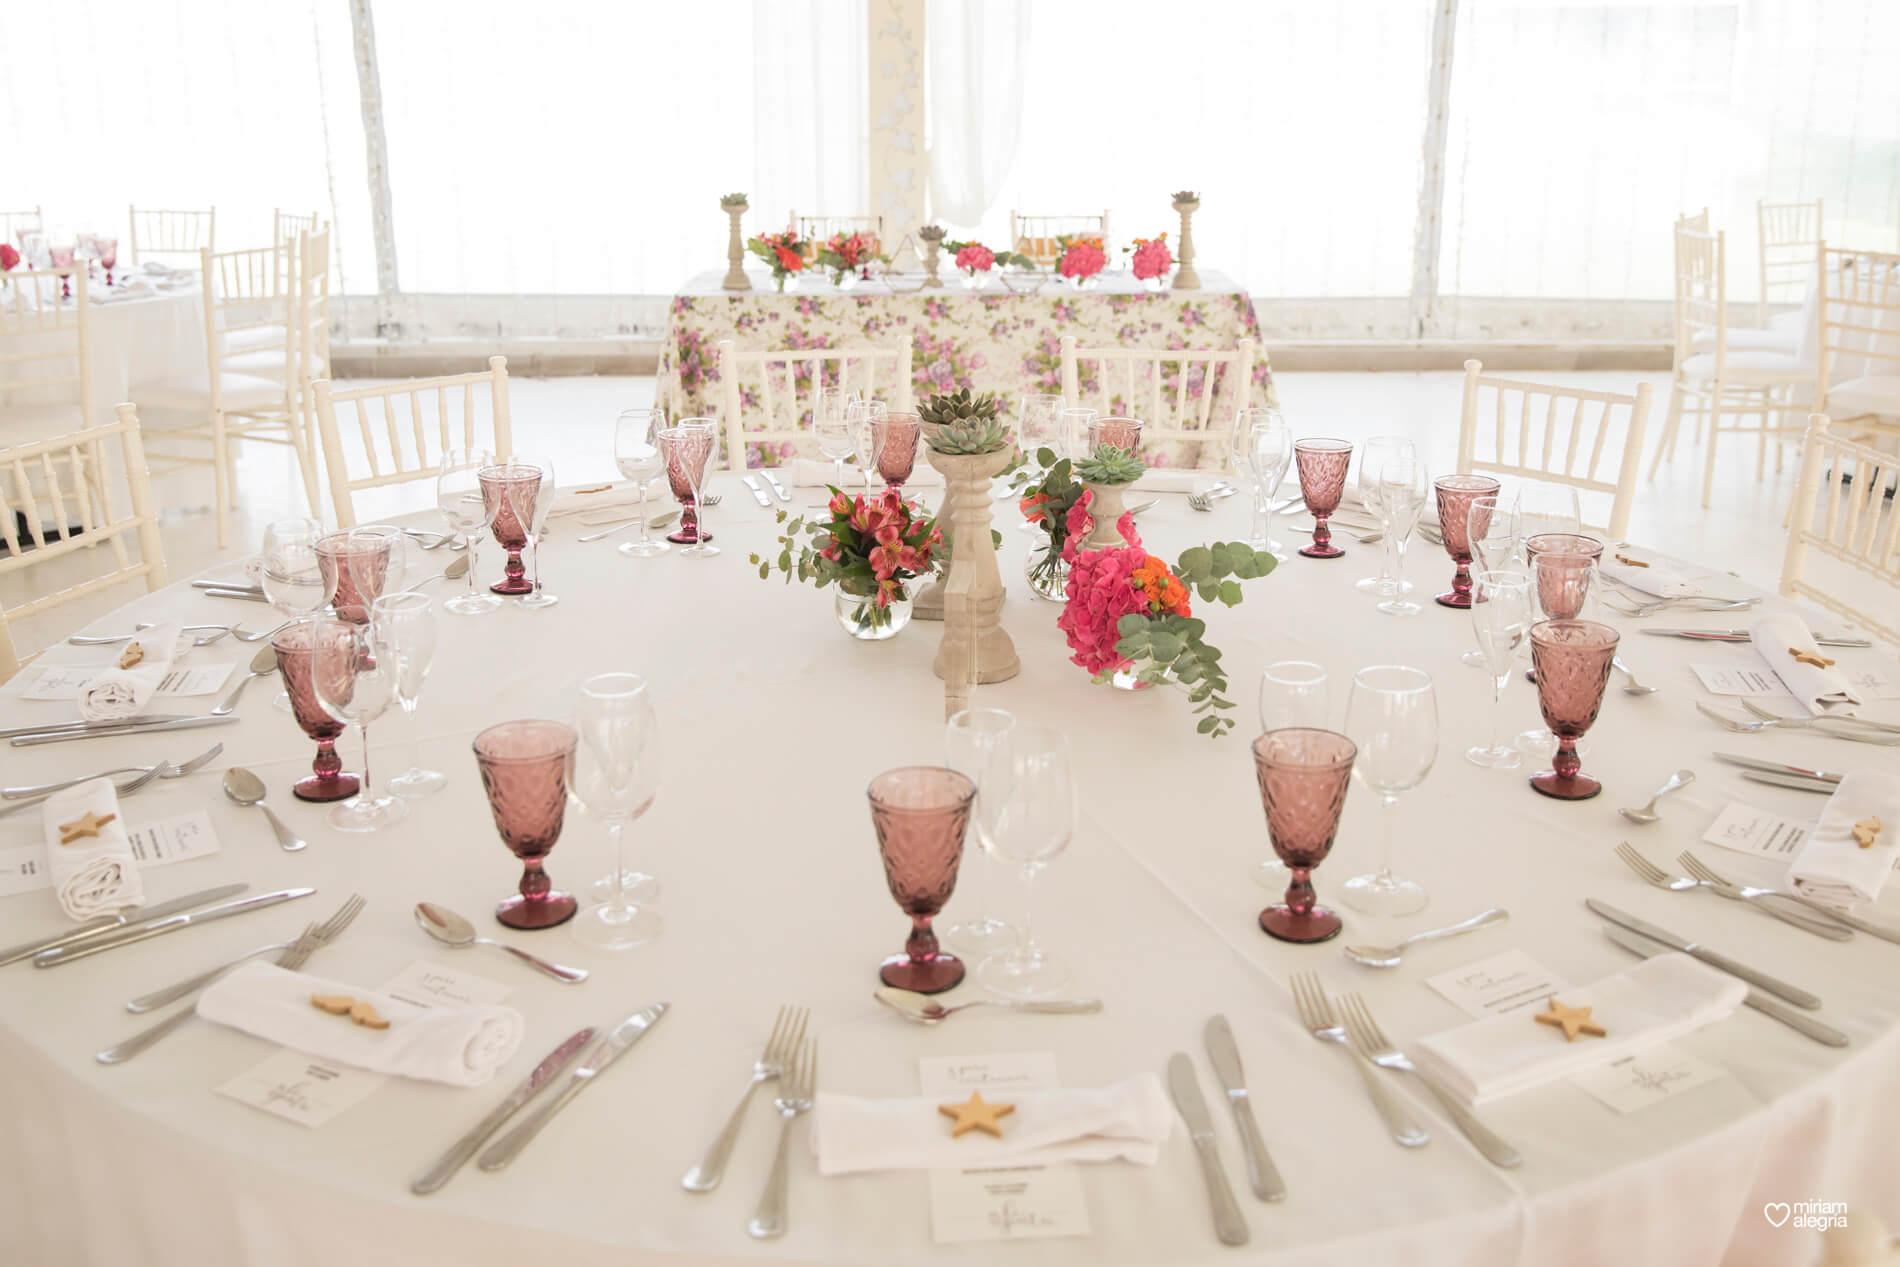 boda-en-finca-villa-vera-de-alemc7-miriam-alegria-fotografos-boda-murcia-121